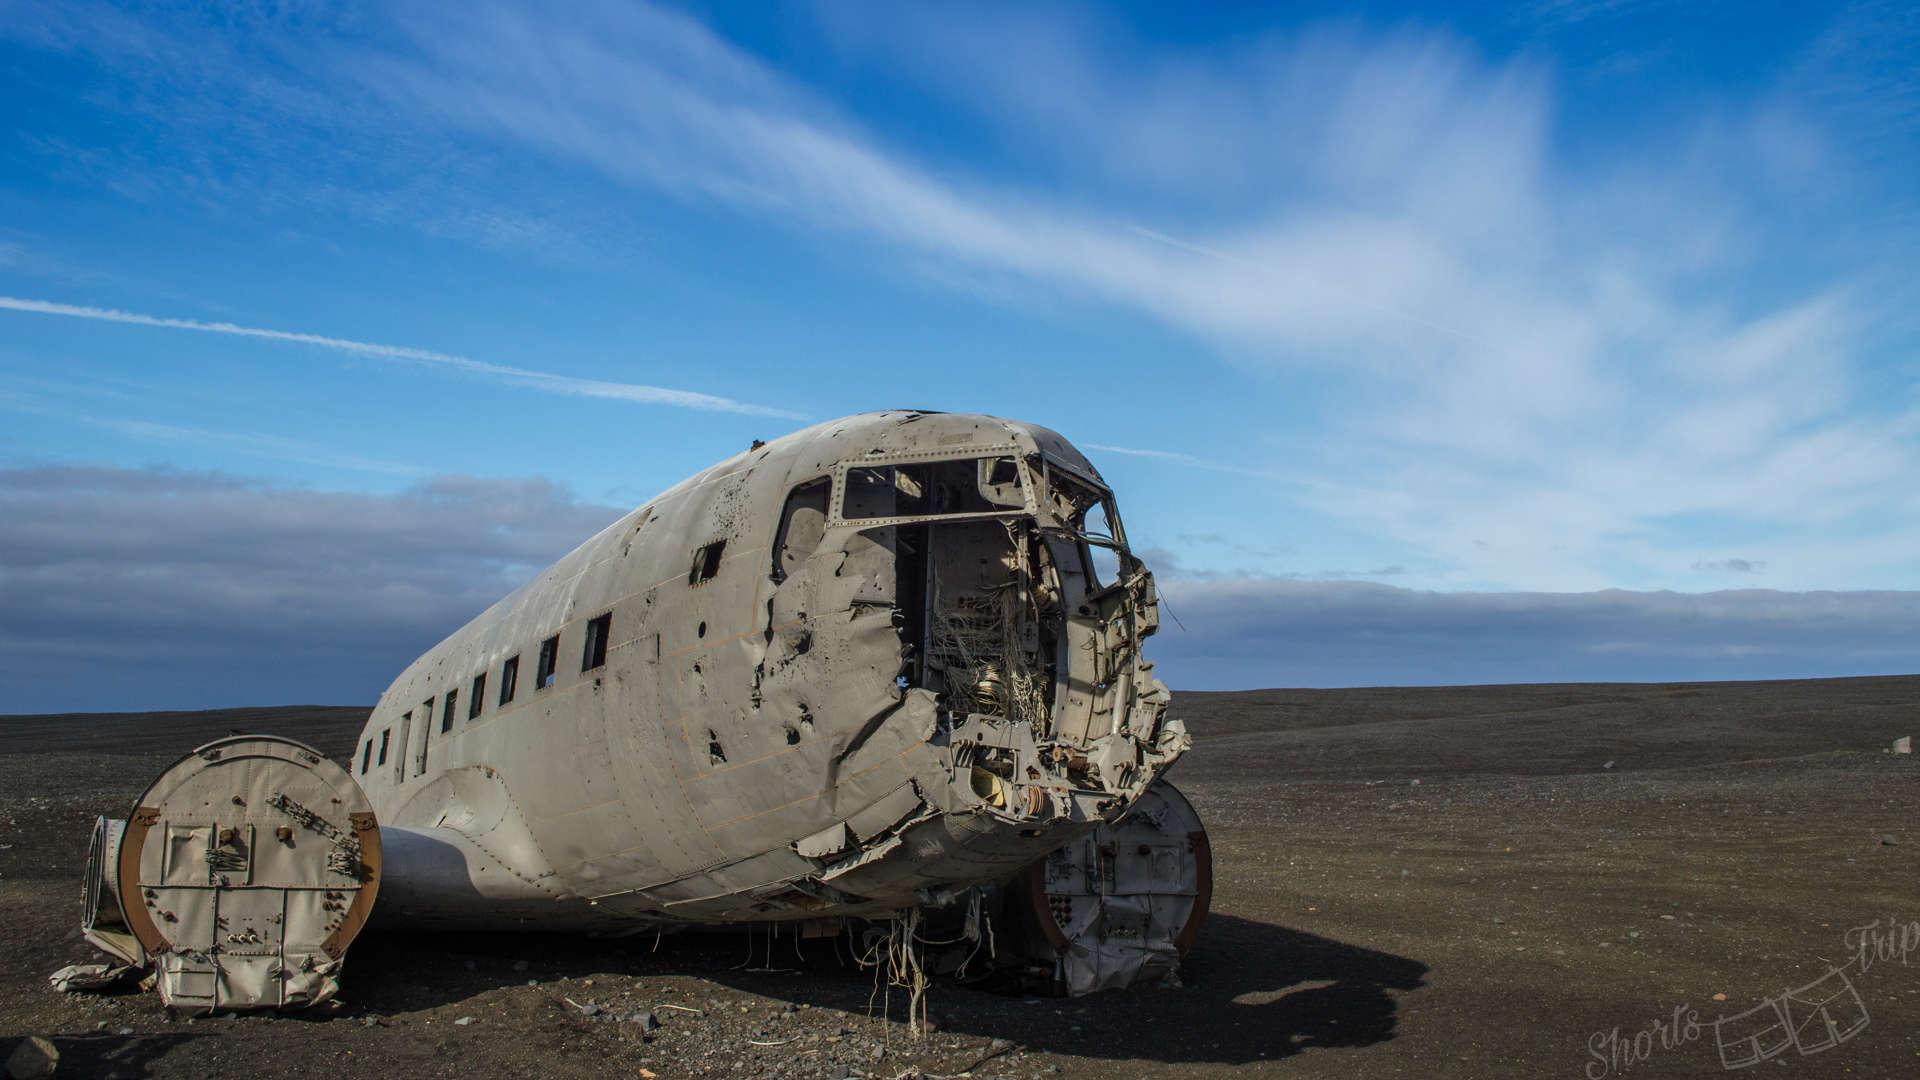 iceland plane crash, iceland military plane